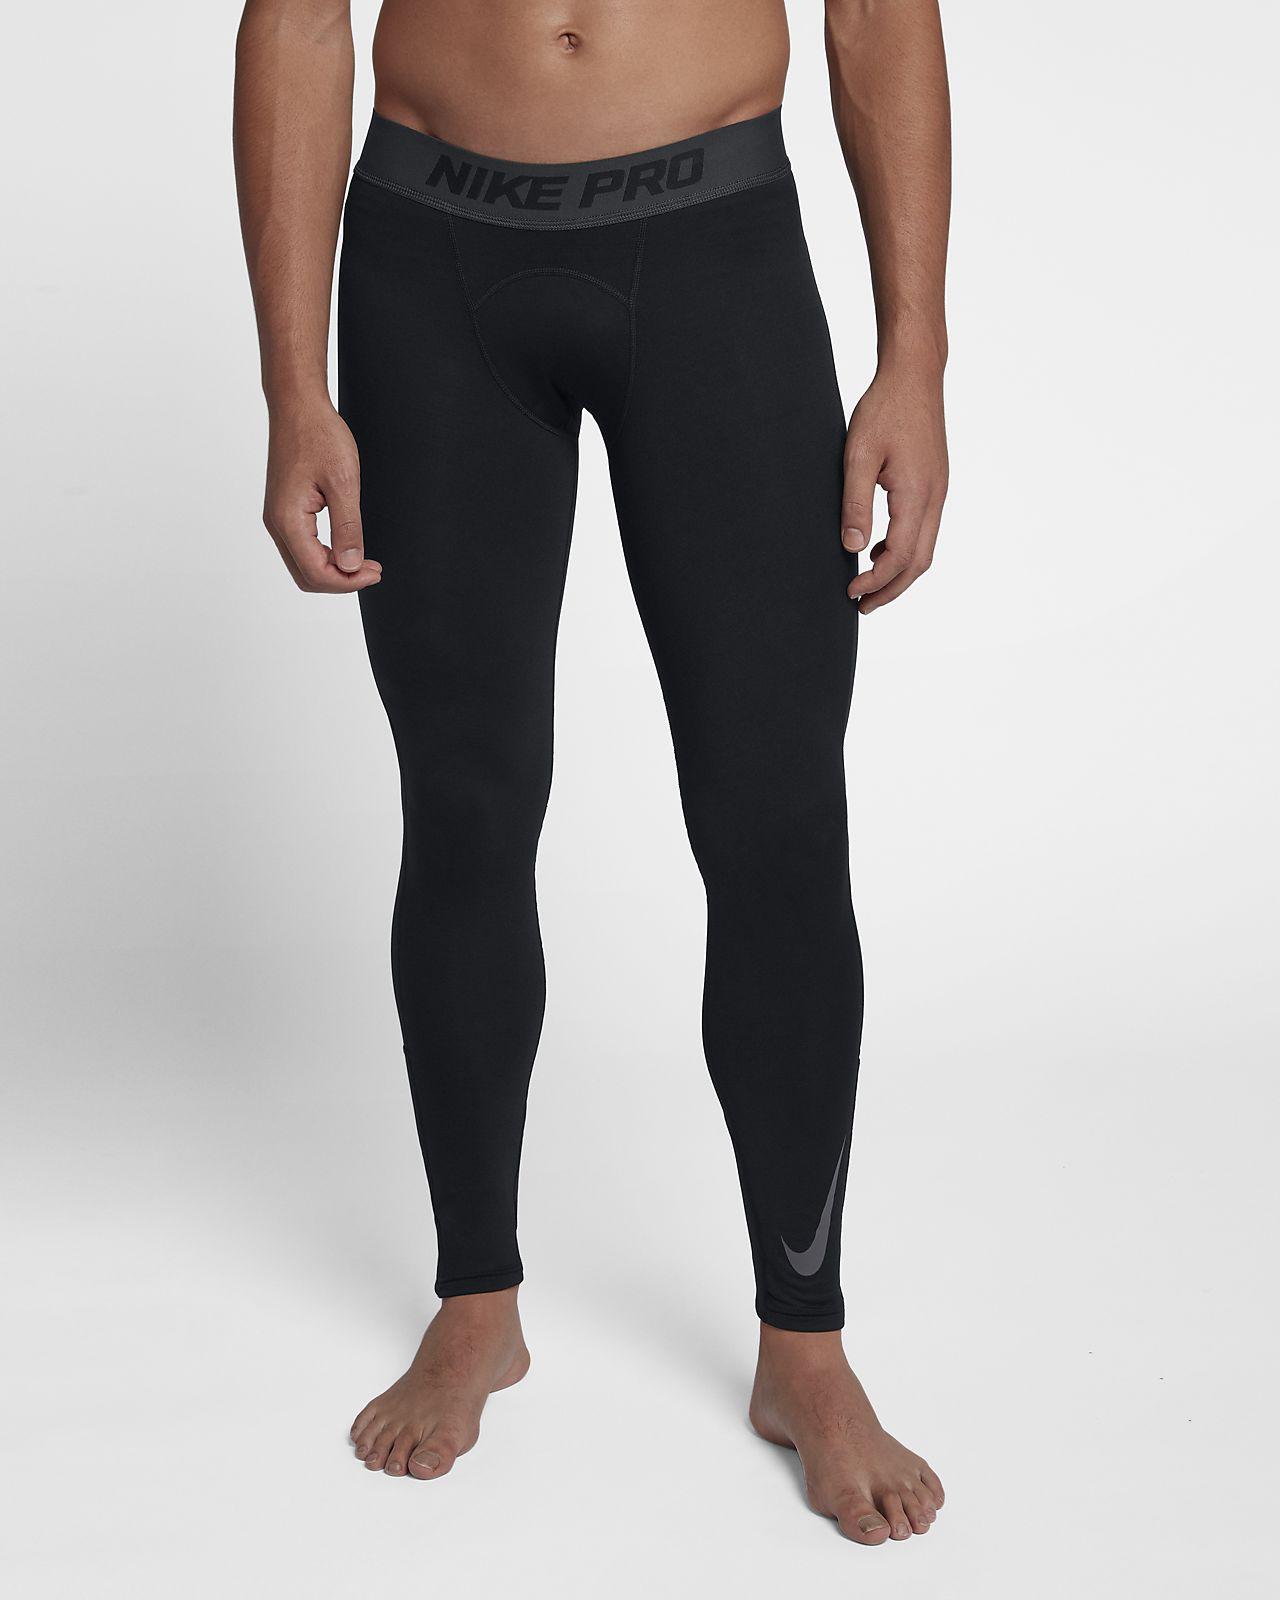 Tights Nike Pro Warm Uomo